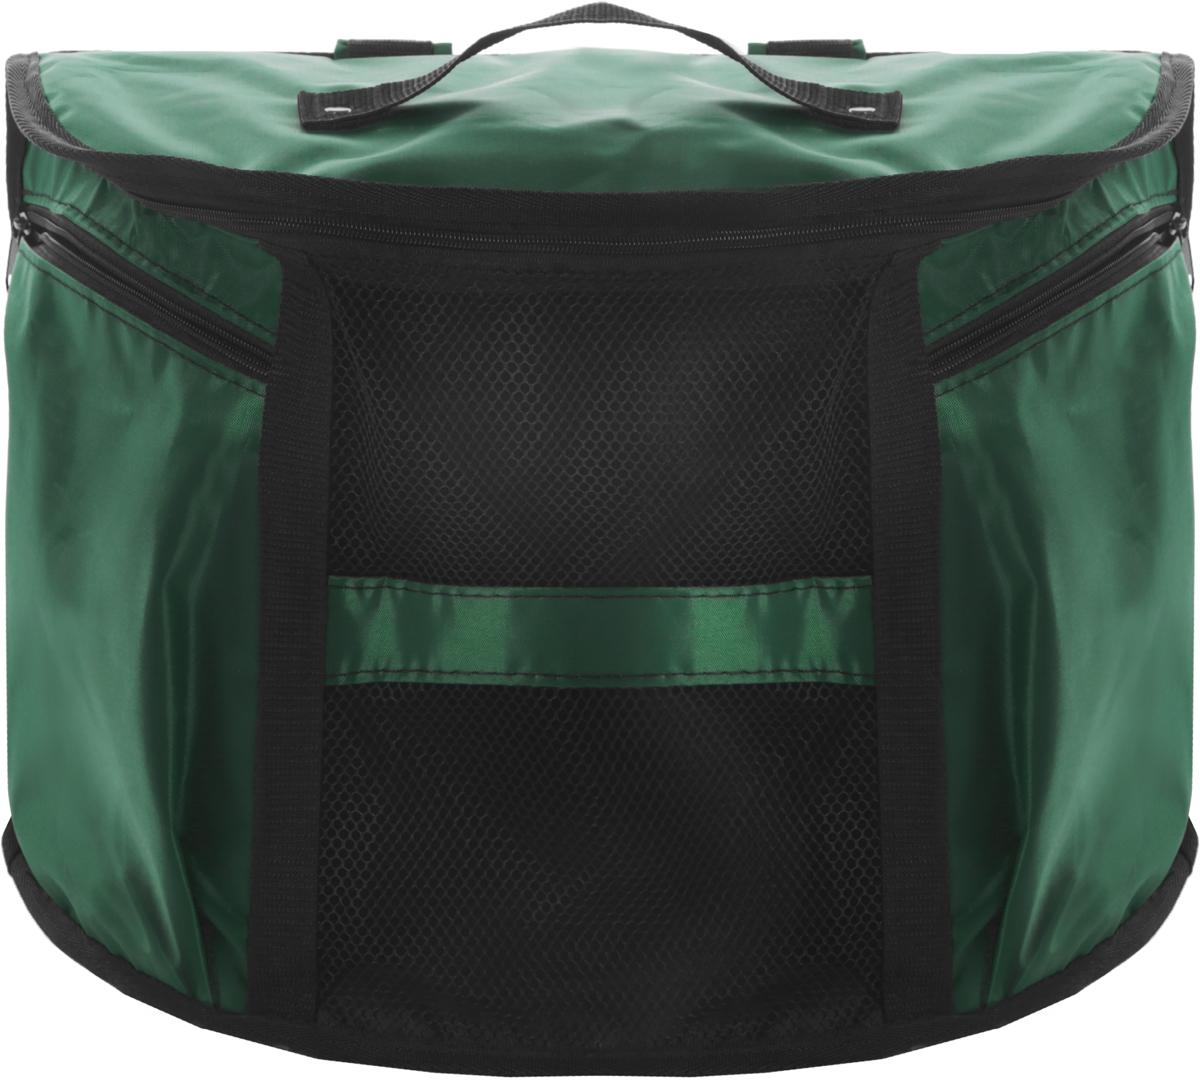 Рюкзак-переноска для кошек  Заря-Плюс , цвет: зеленый, черный, 37 х 19 х 29 см - Переноски, товары для транспортировки